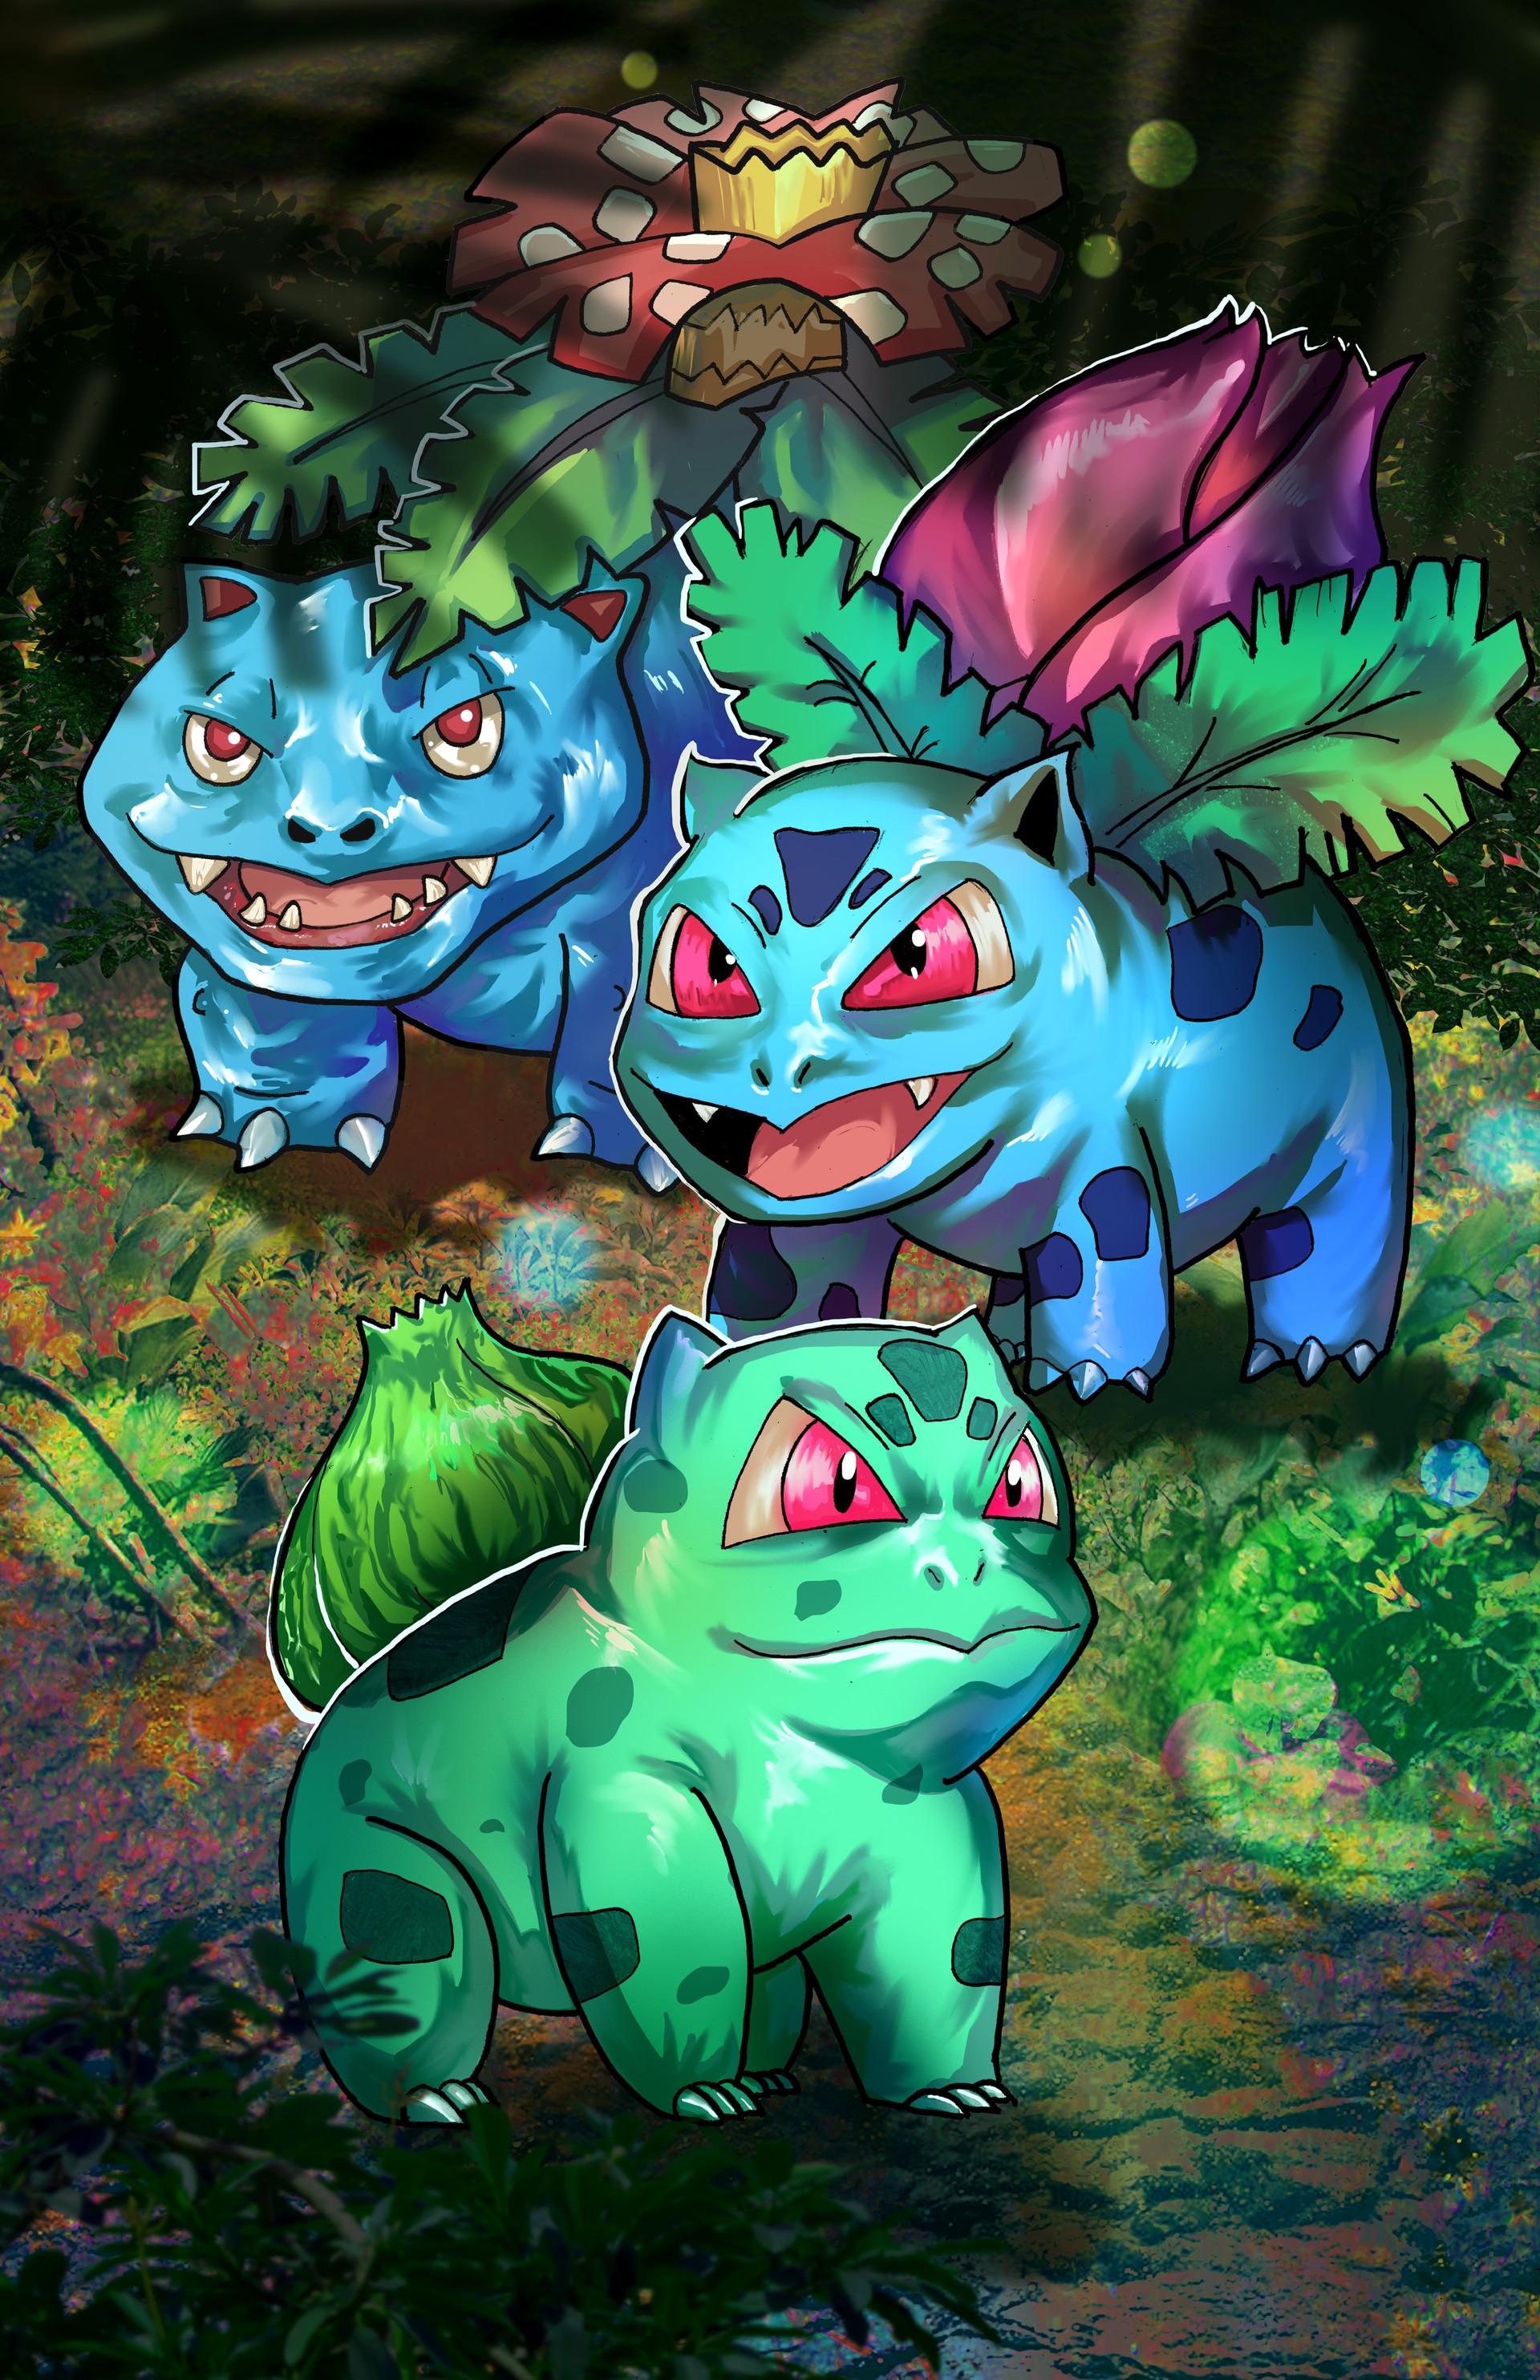 ArtStation - Pokemon bulbasaur evolution, Eugen Betivu